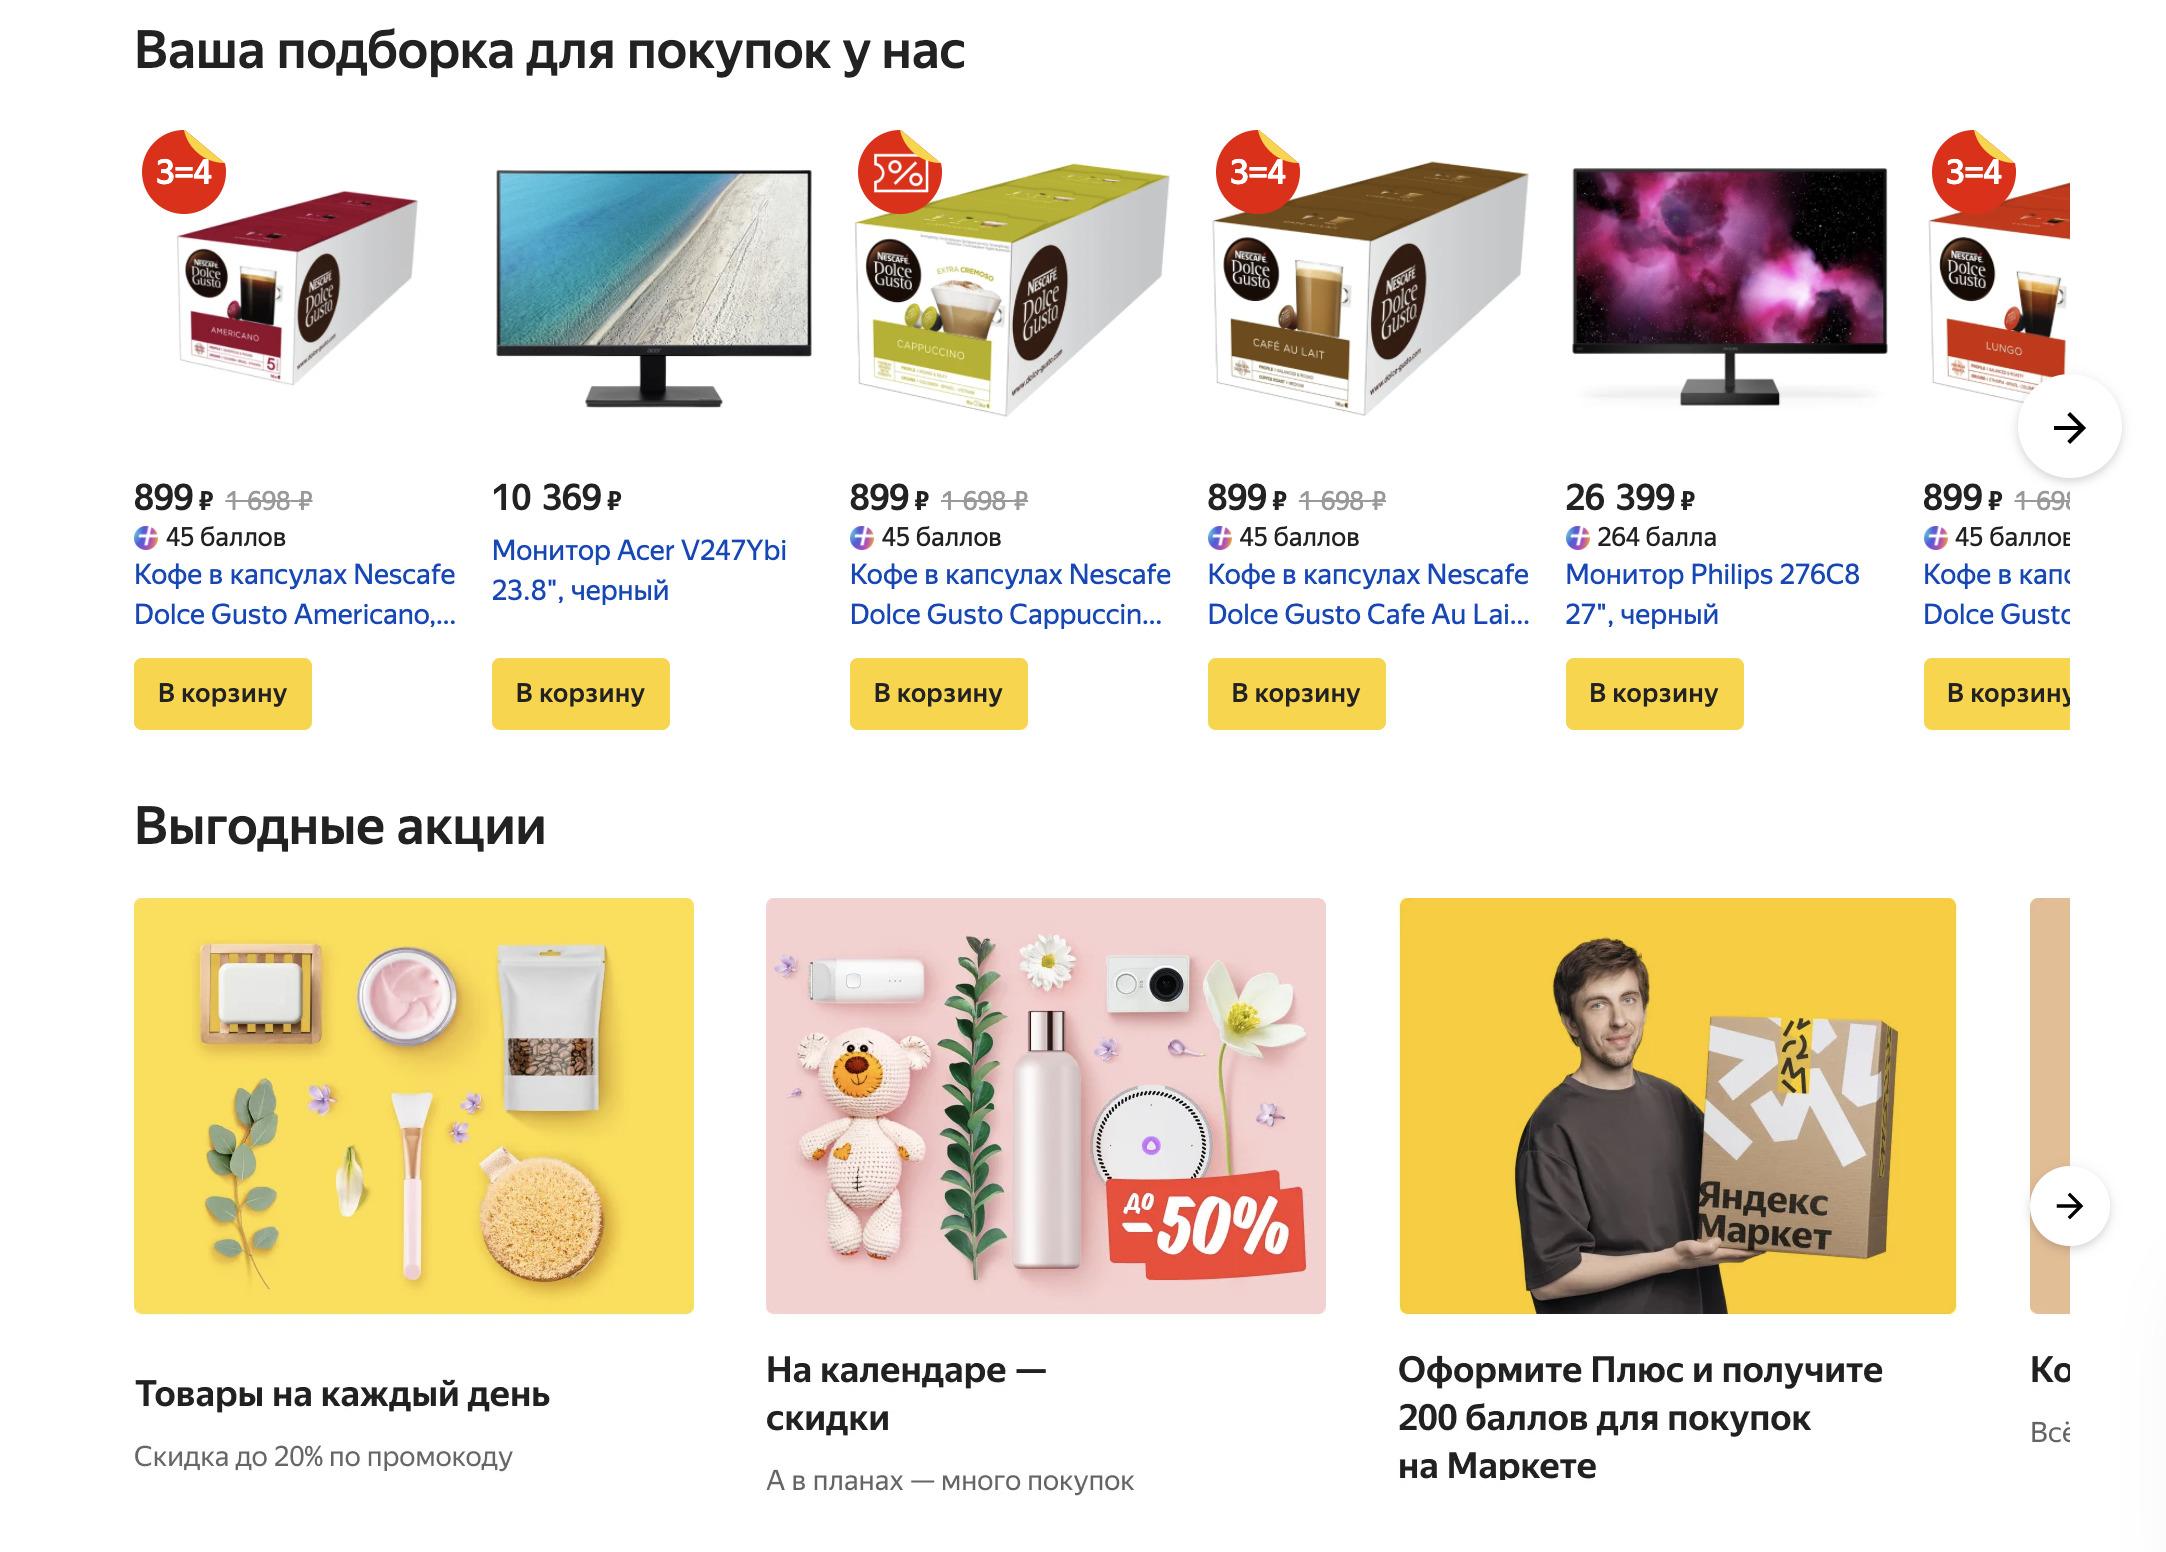 Доставка из Яндекс.Маркет в Домодедово, сроки, пункты выдачи, каталог